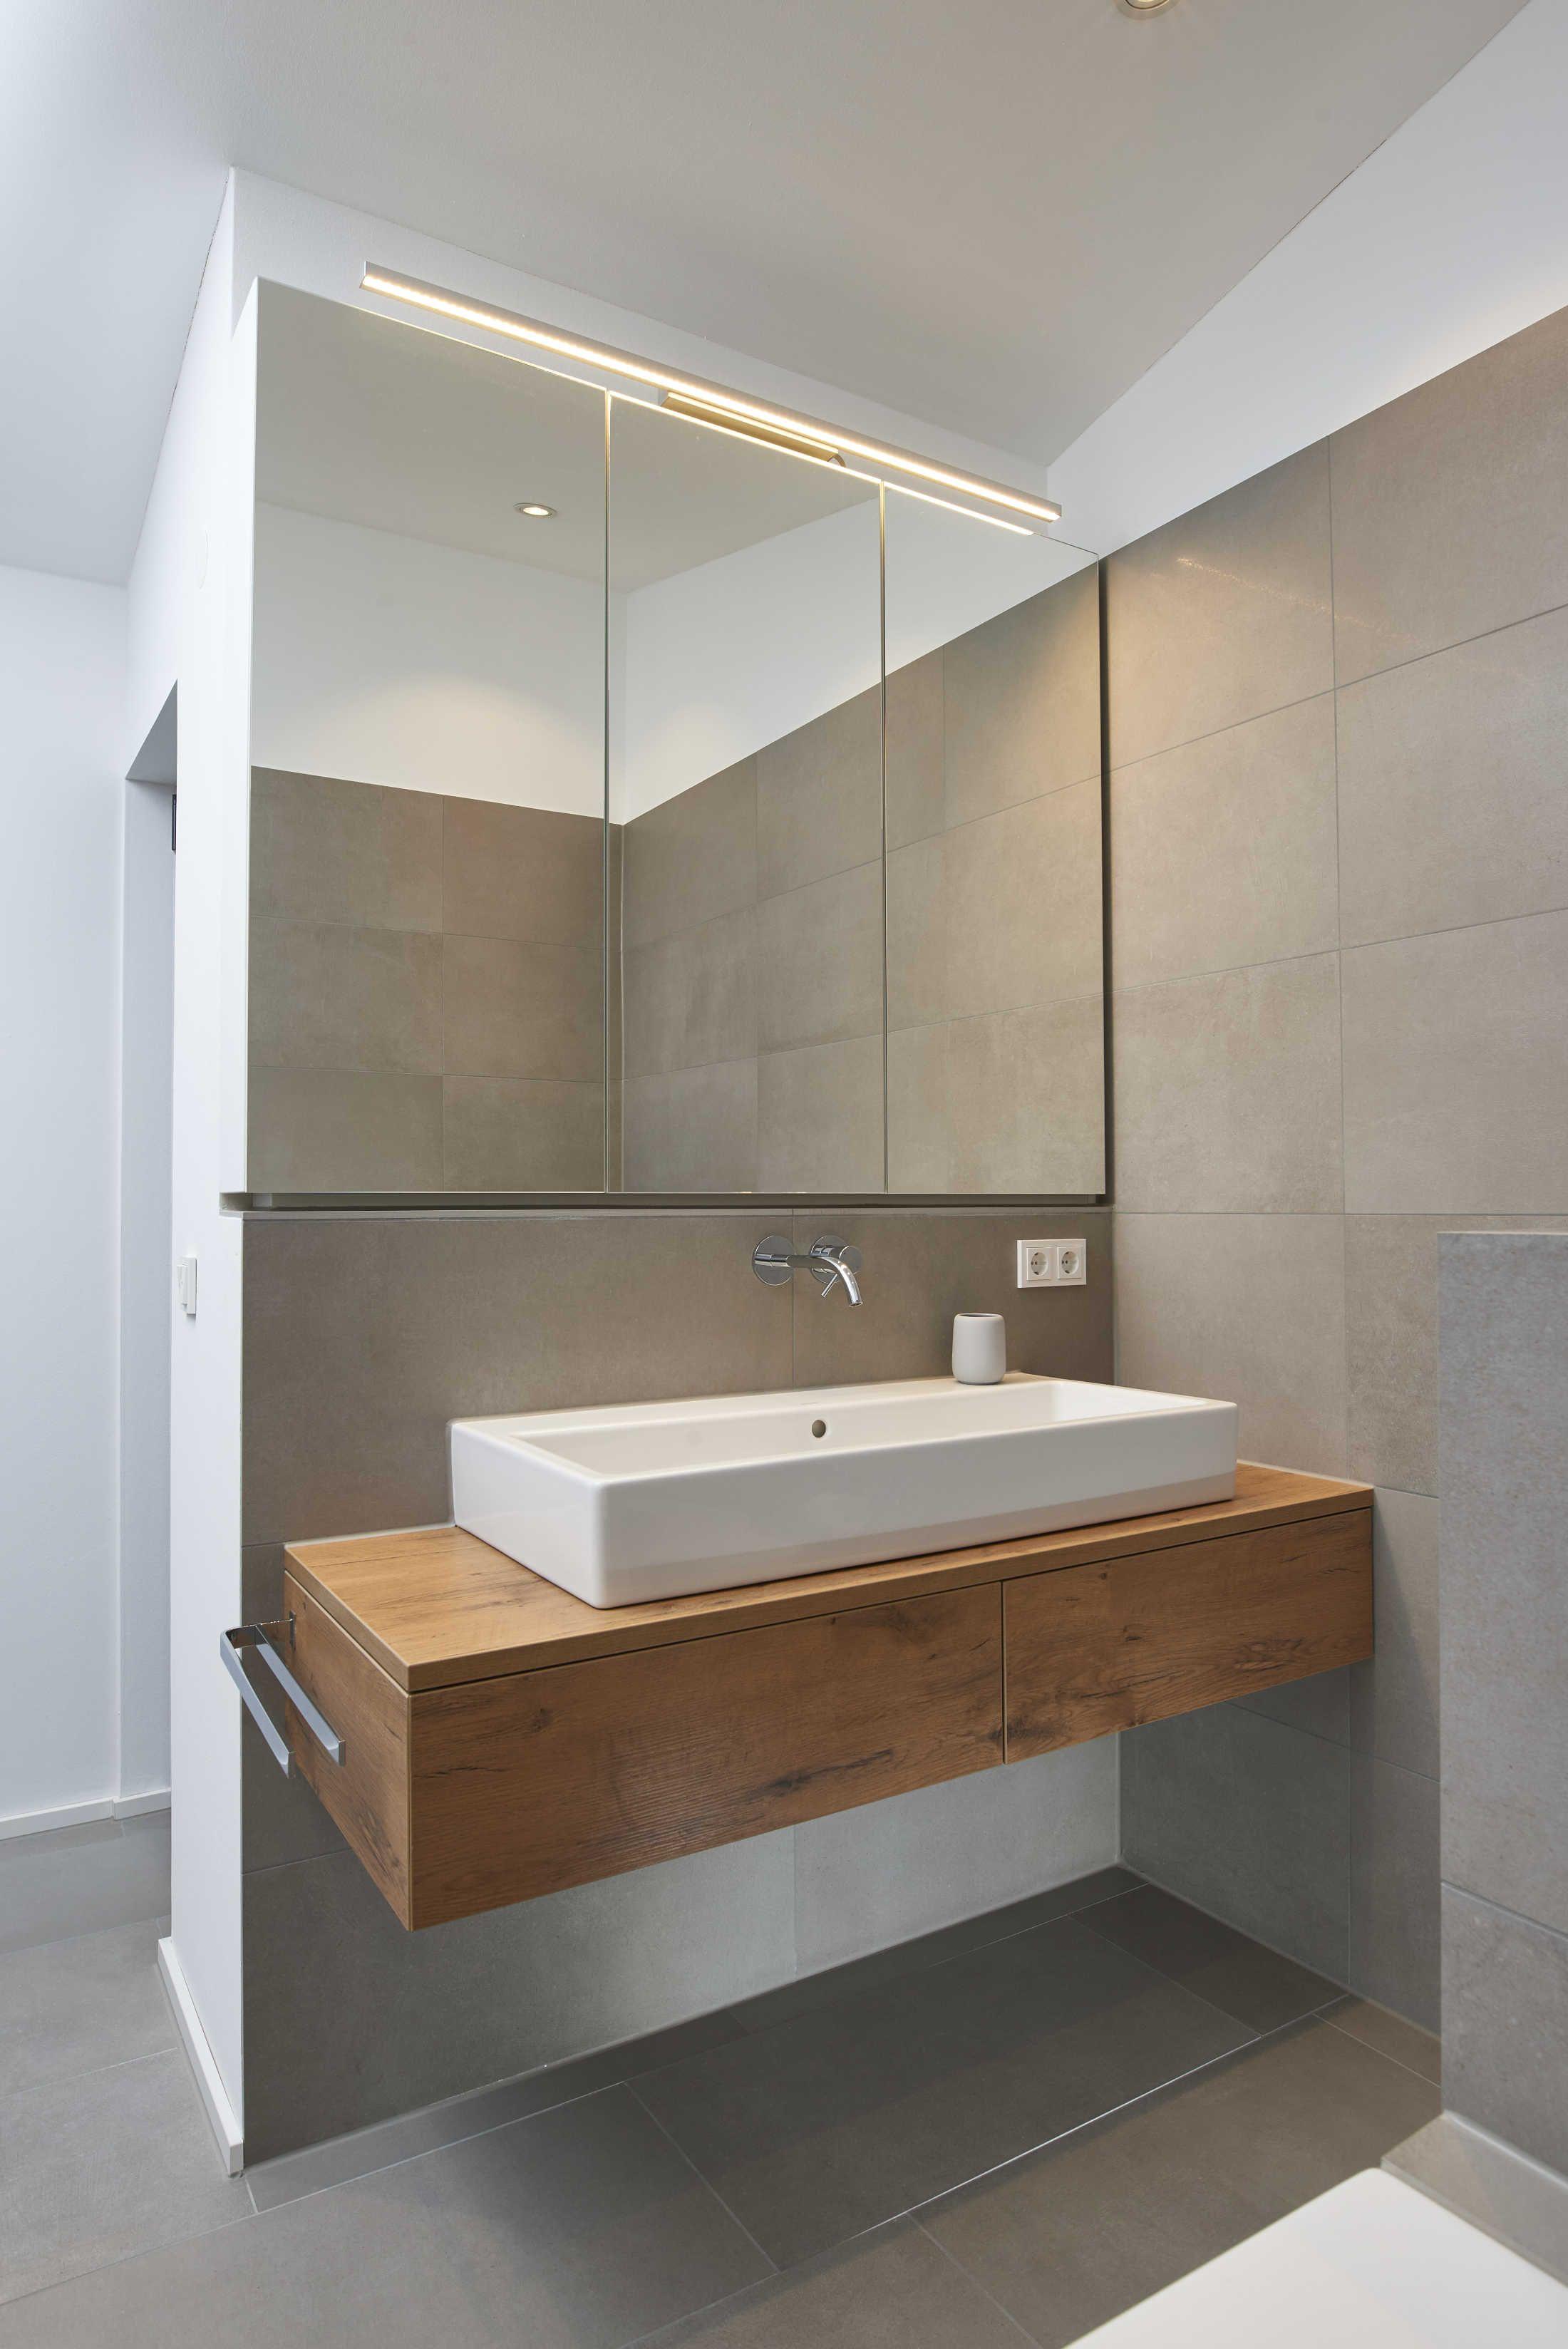 Baden 26 Spiegelschrank Bad Badezimmer Spiegelschrank Baden